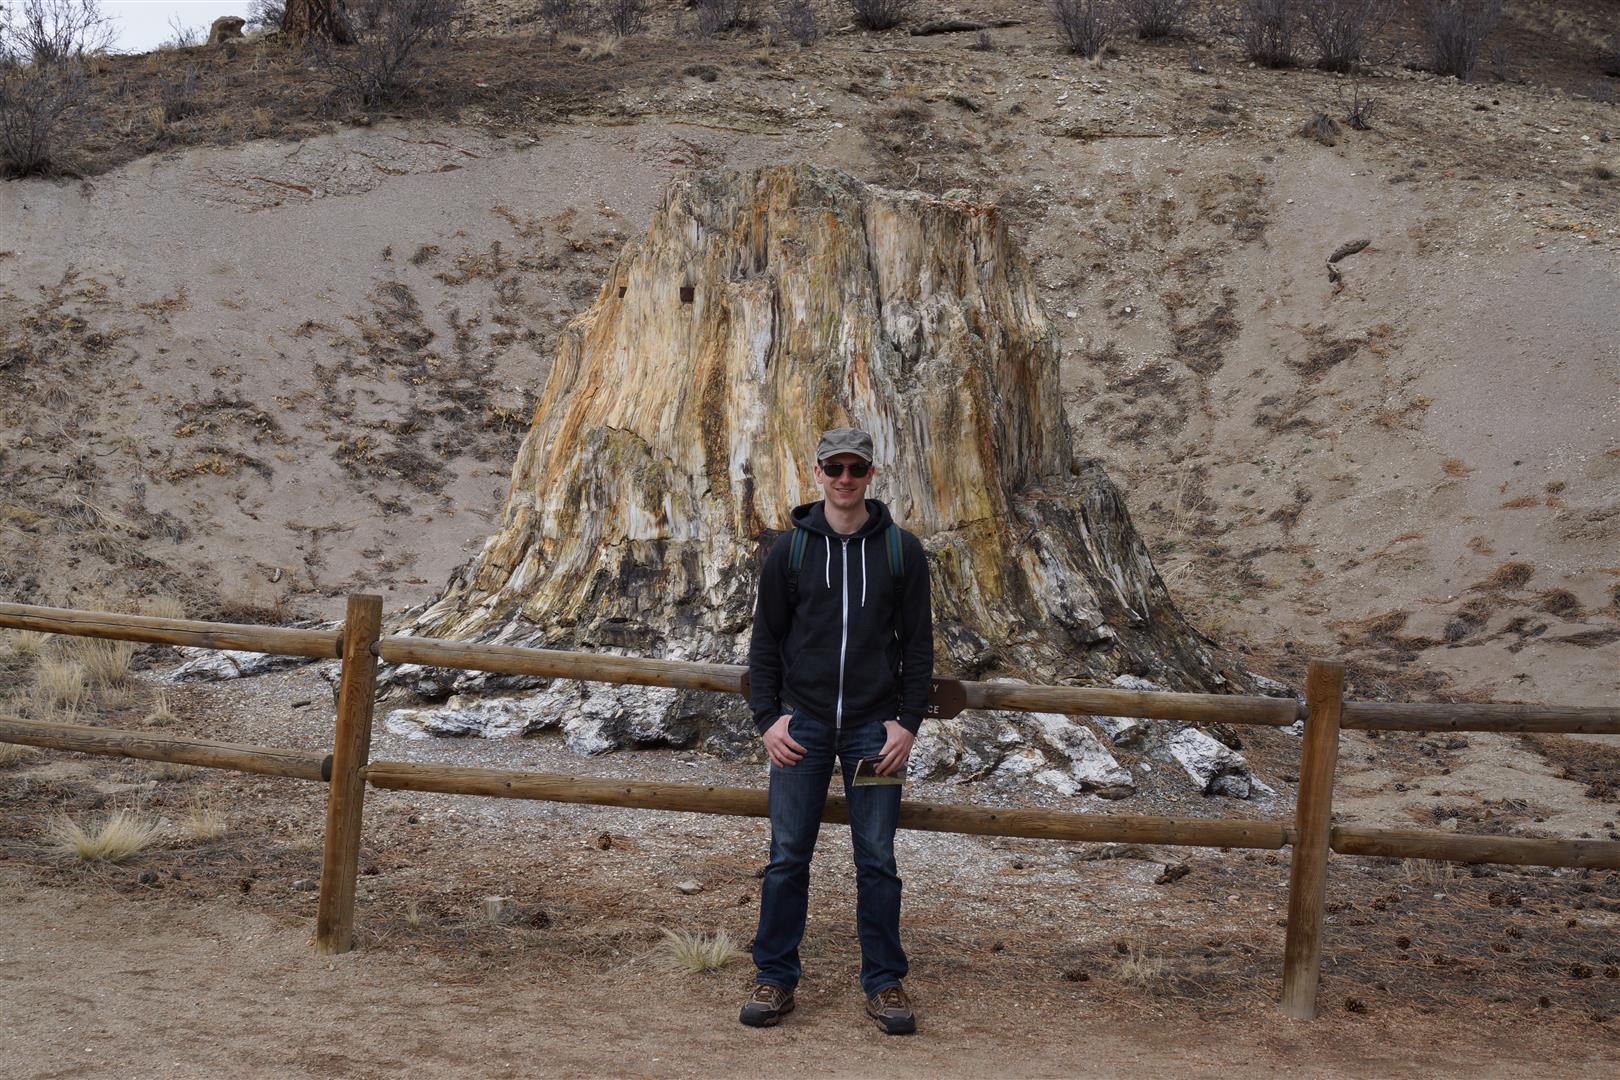 Überreste eines versteinerten Mammutbaumes.